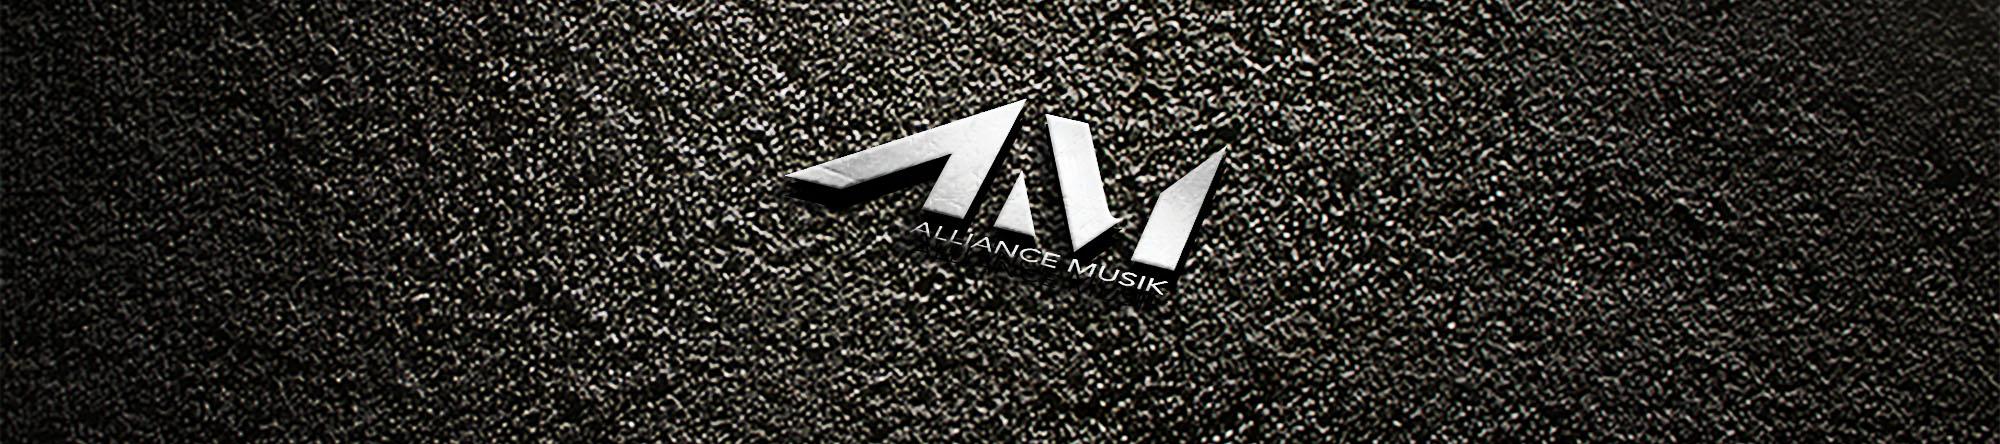 Alliance Musik